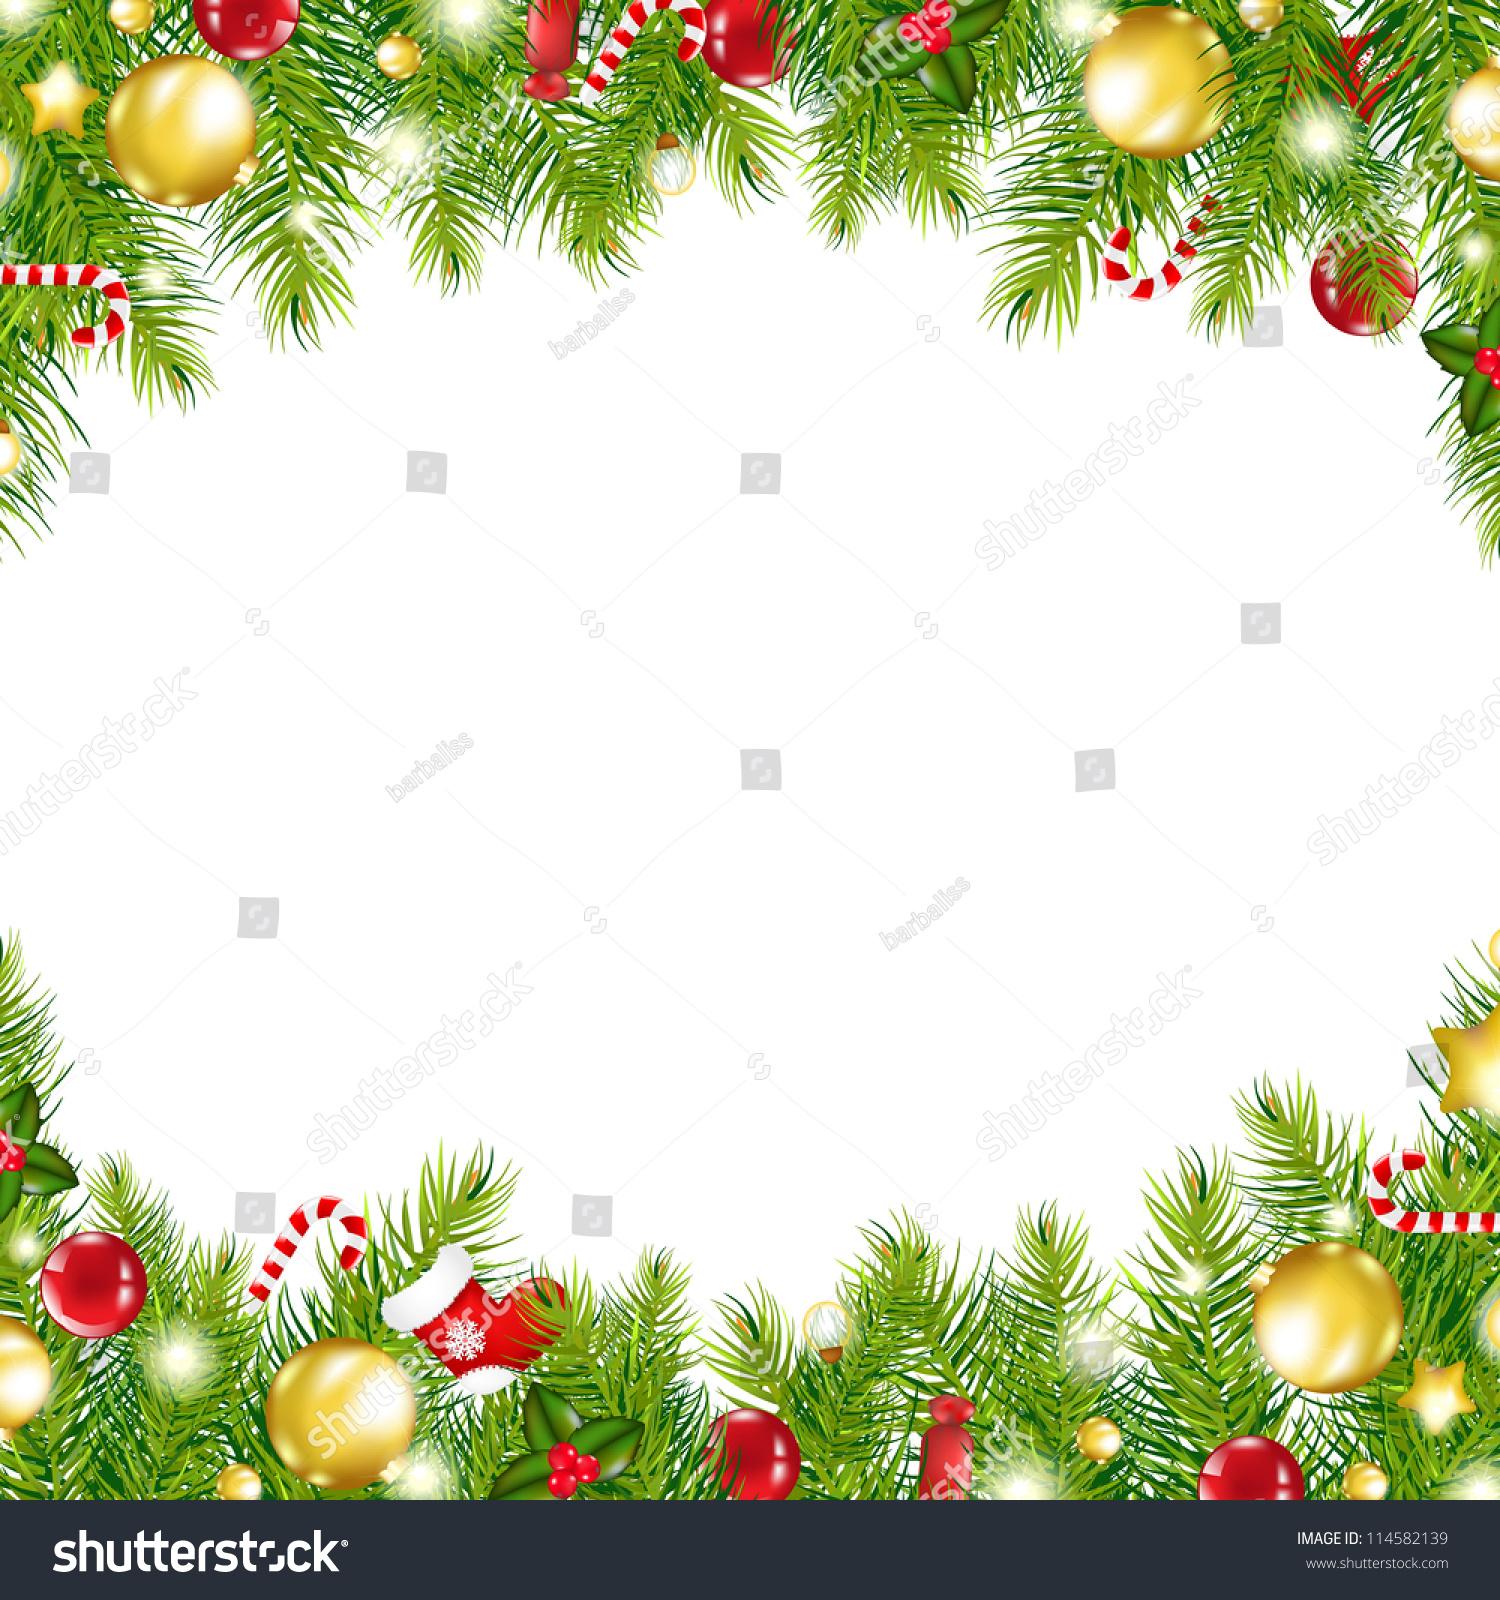 Christmas Vintage Border, Isolated On White Background